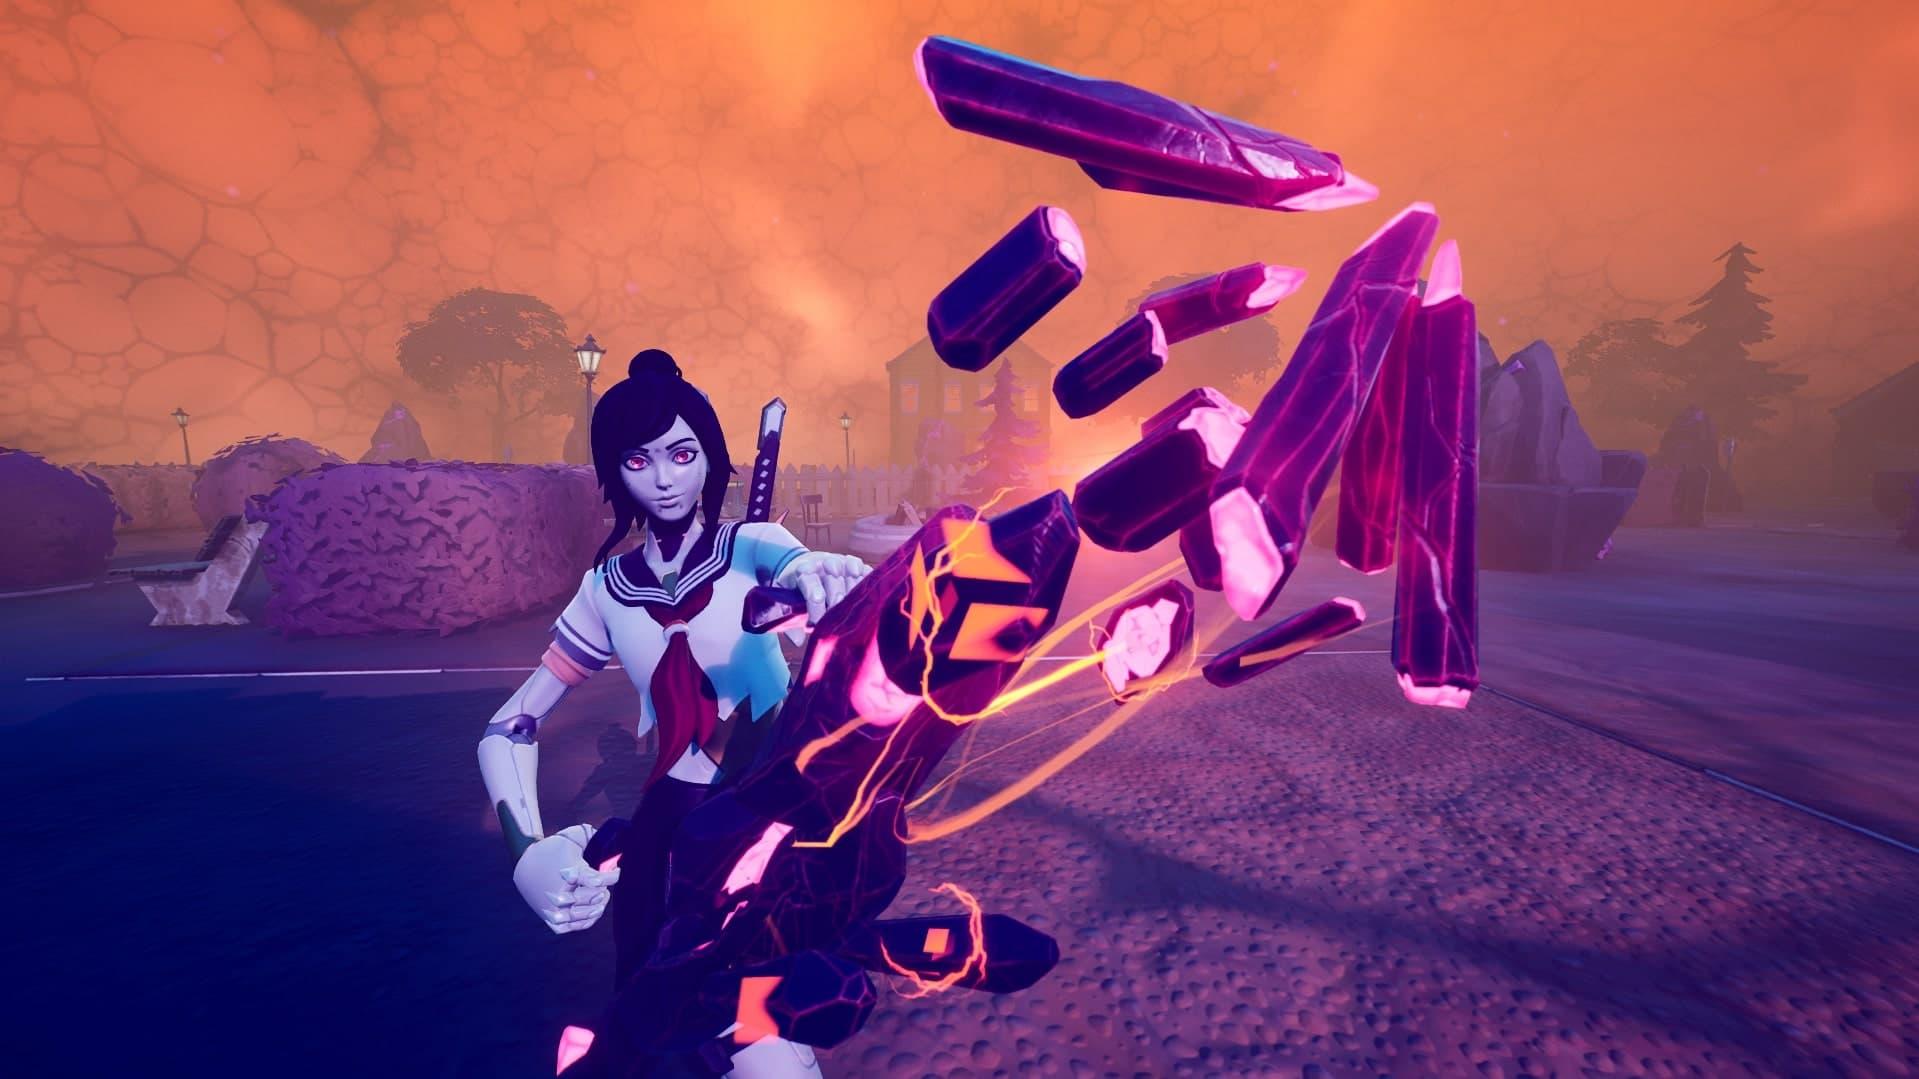 Cómo craftear armas y materiales en Fortnite, temporada 8 | Kyaooo